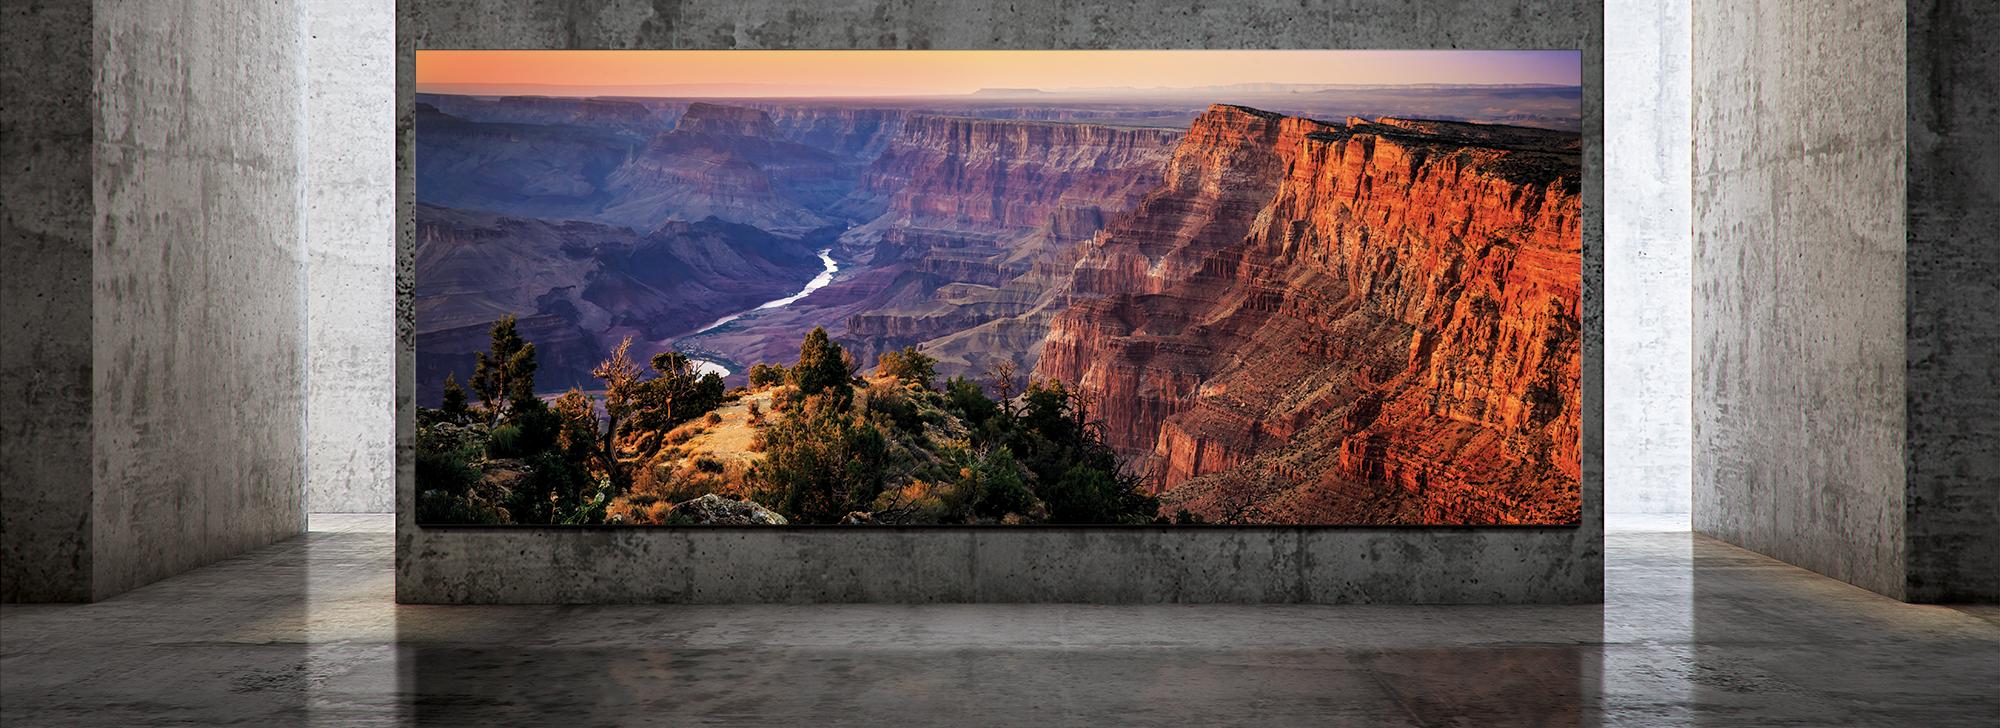 Samsung The Wall Luxury : un énorme téléviseur de 292 pouces 8K et Micro LED